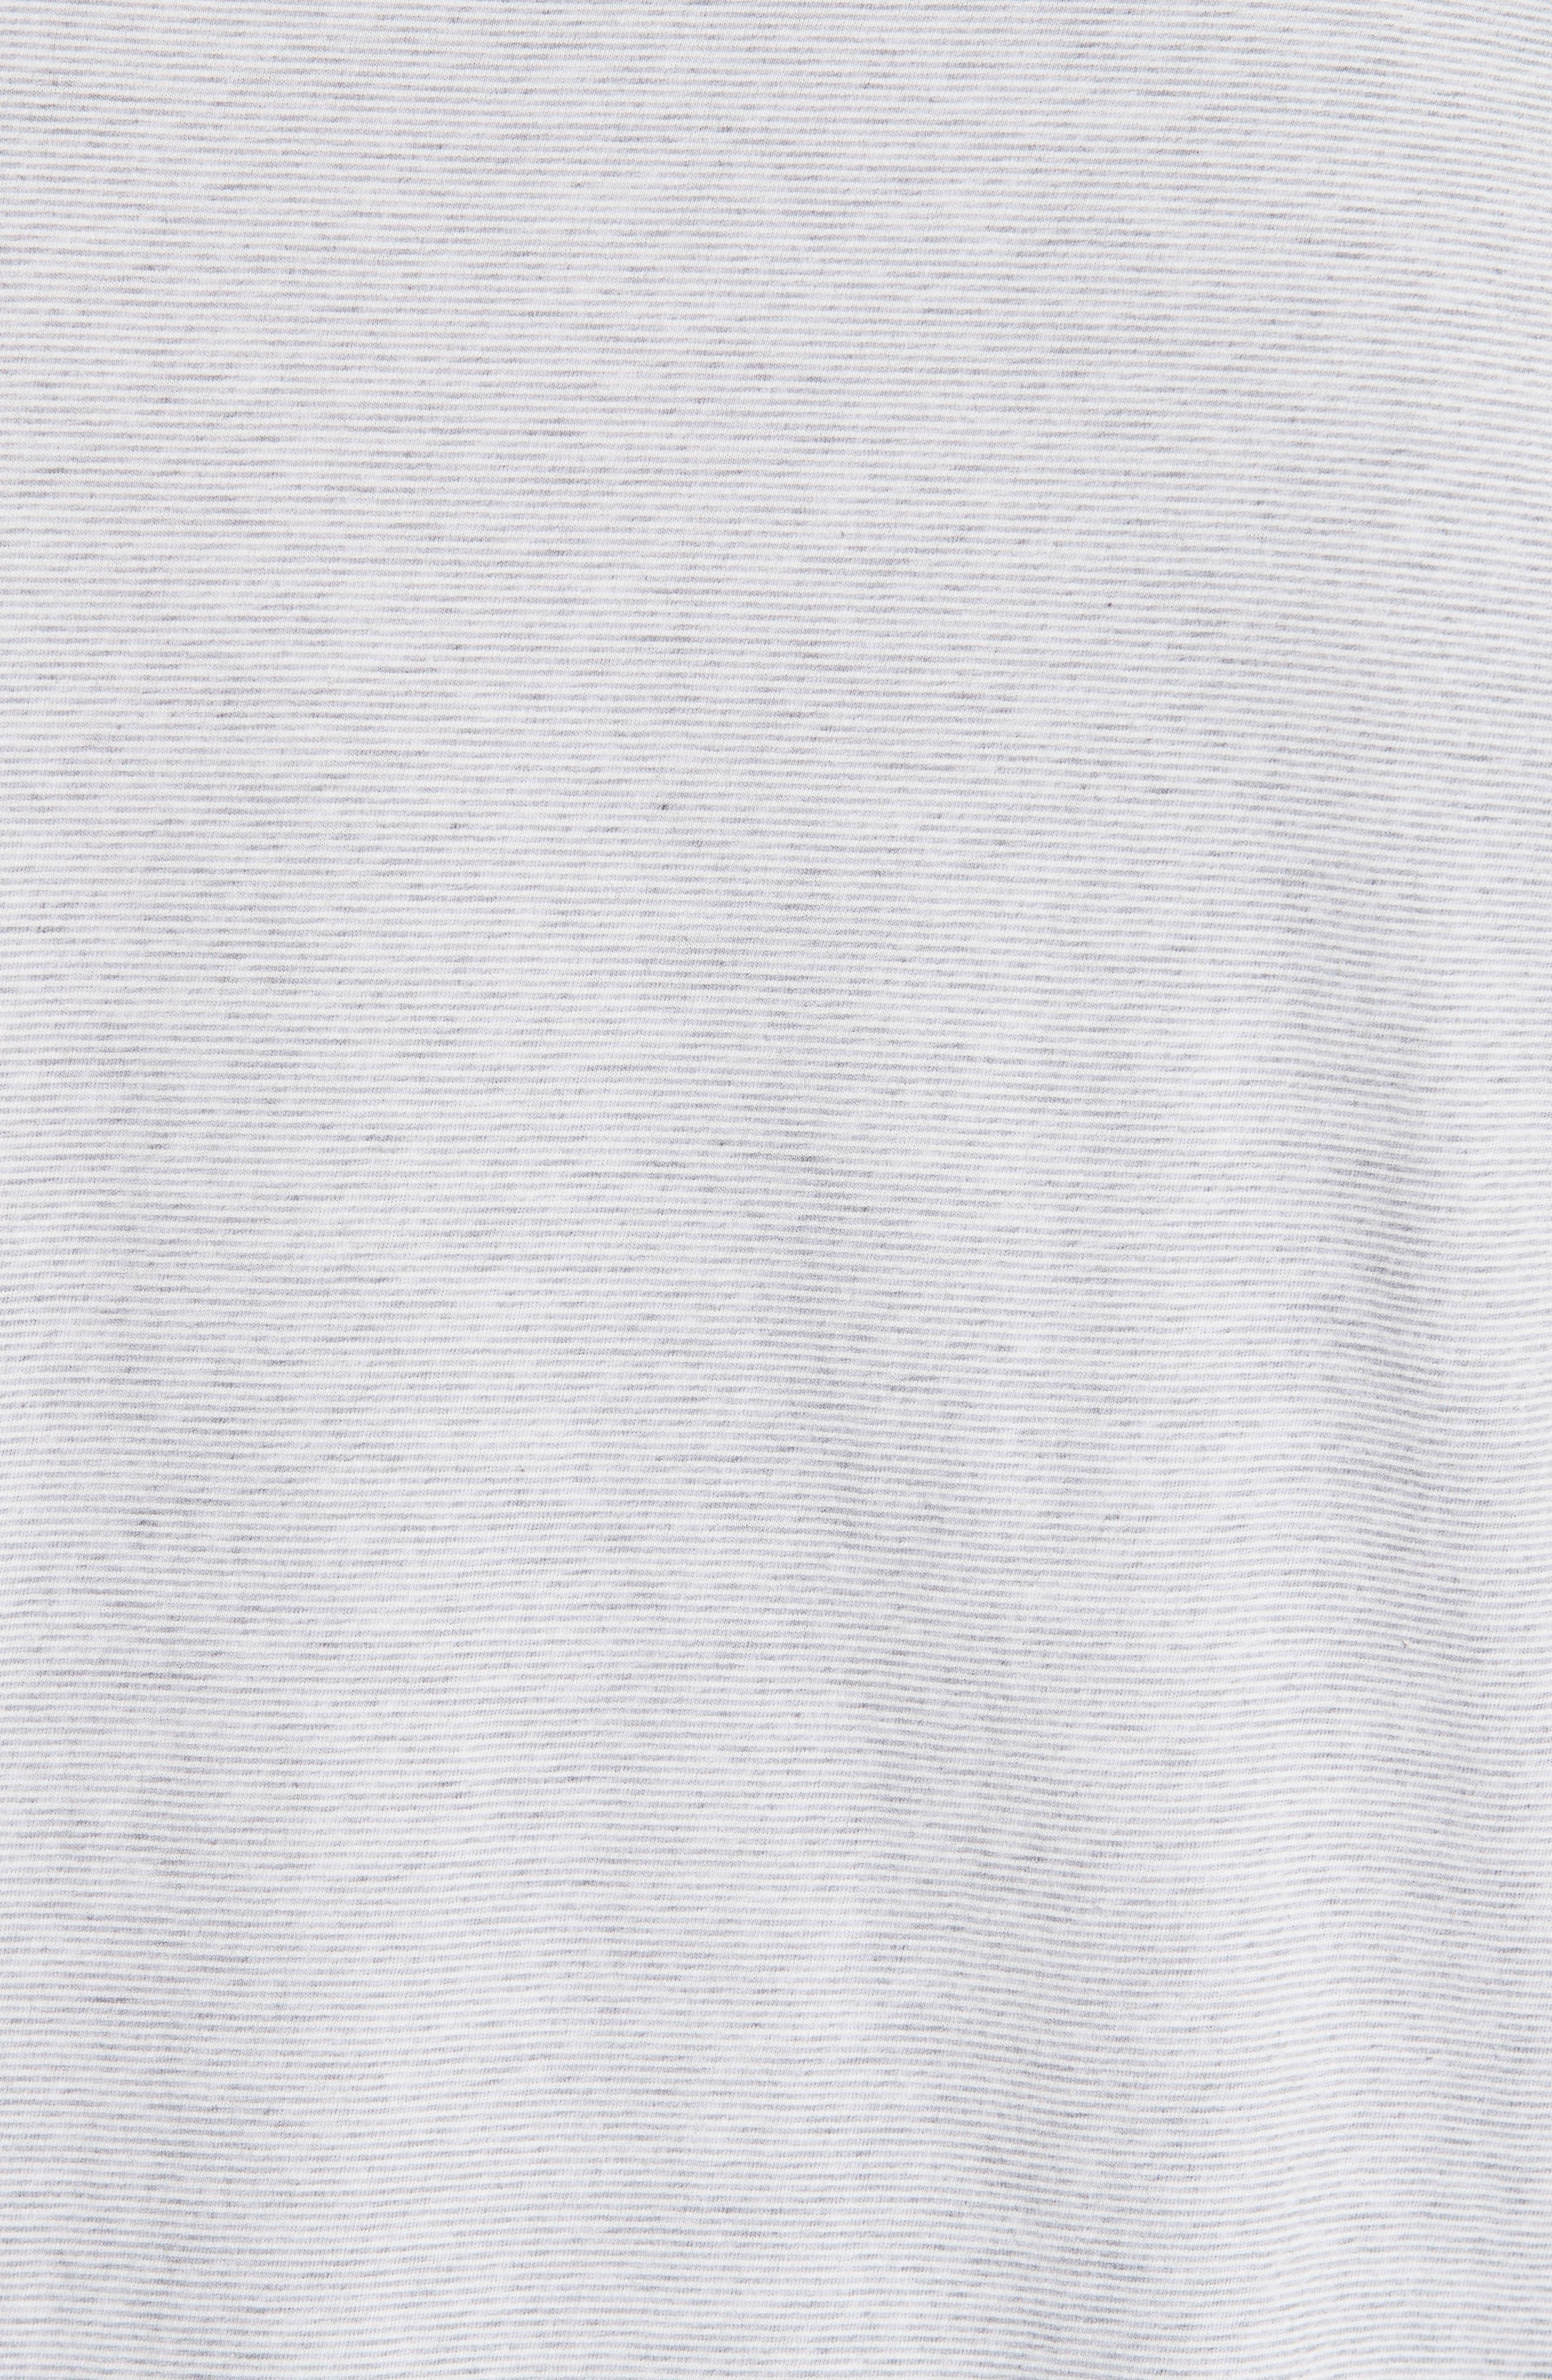 Stripe Polo,                             Alternate thumbnail 5, color,                             Grey/ White